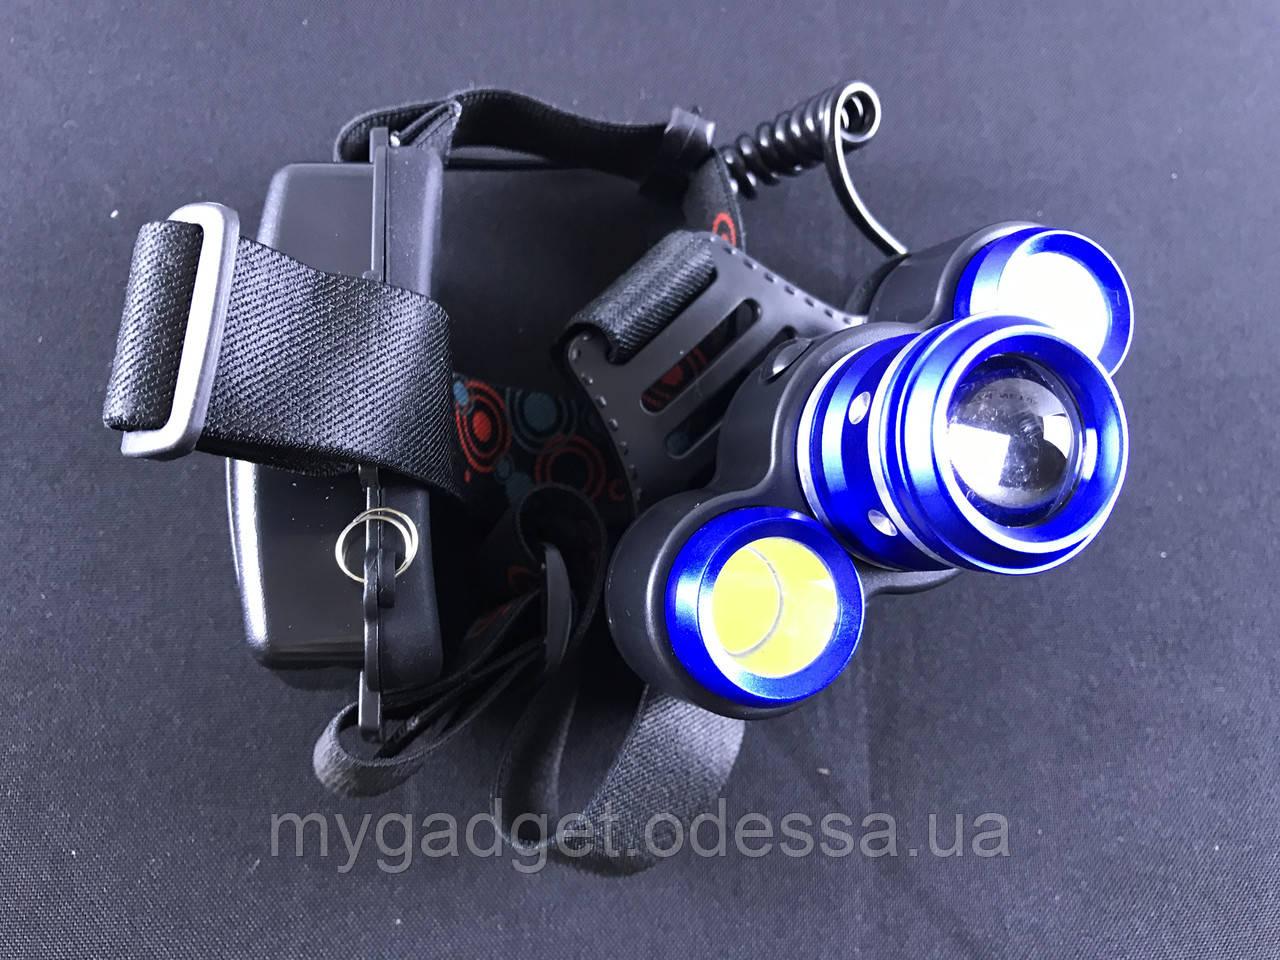 Тактический налобный фонарь BL-C861-T6 4 режима